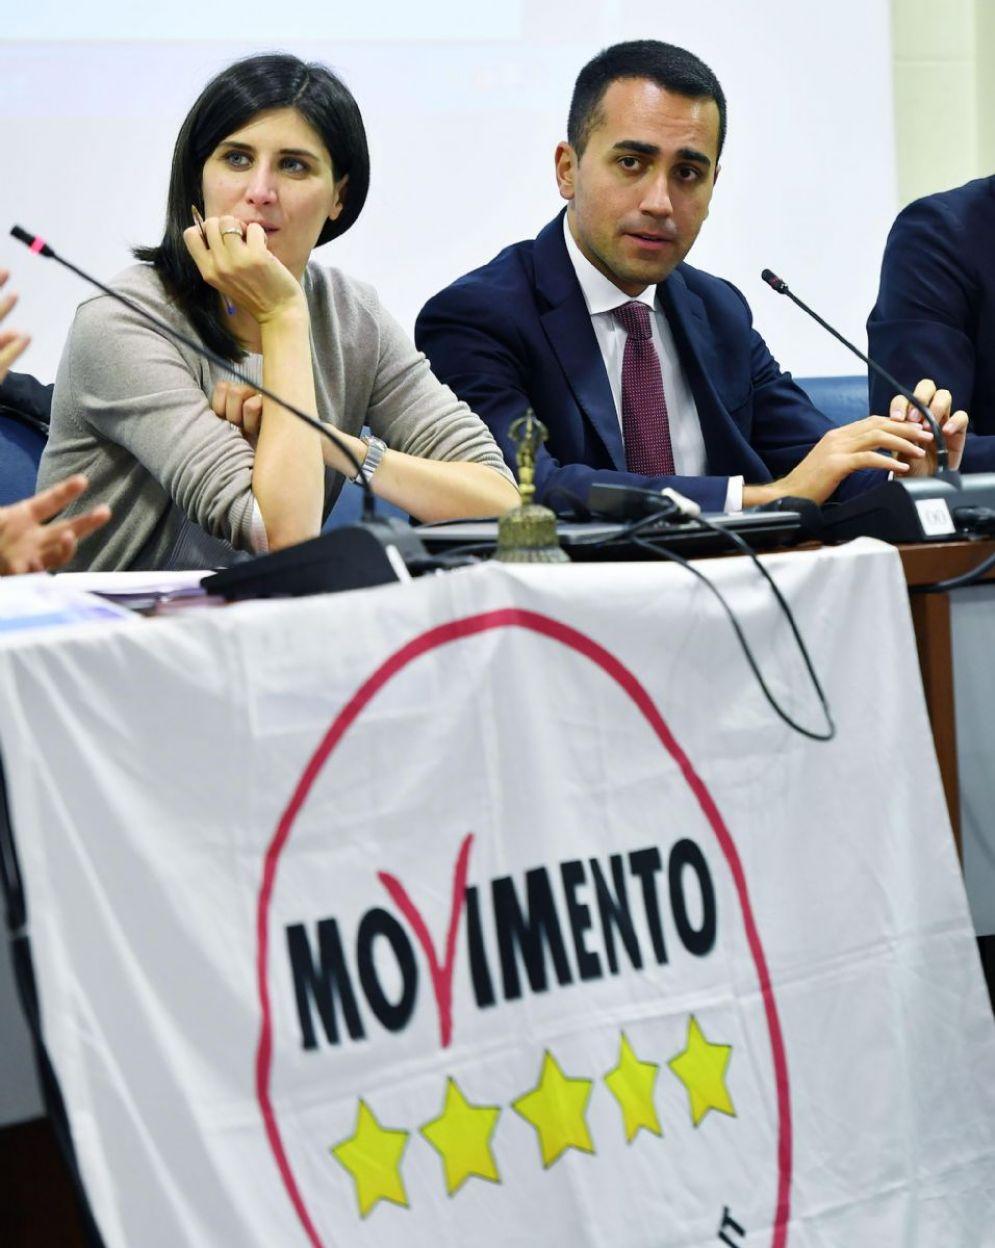 La sindaca di Torino Chiara Appendino accanto al candidato premier del Movimento 5 Stelle, Luigi Di Maio